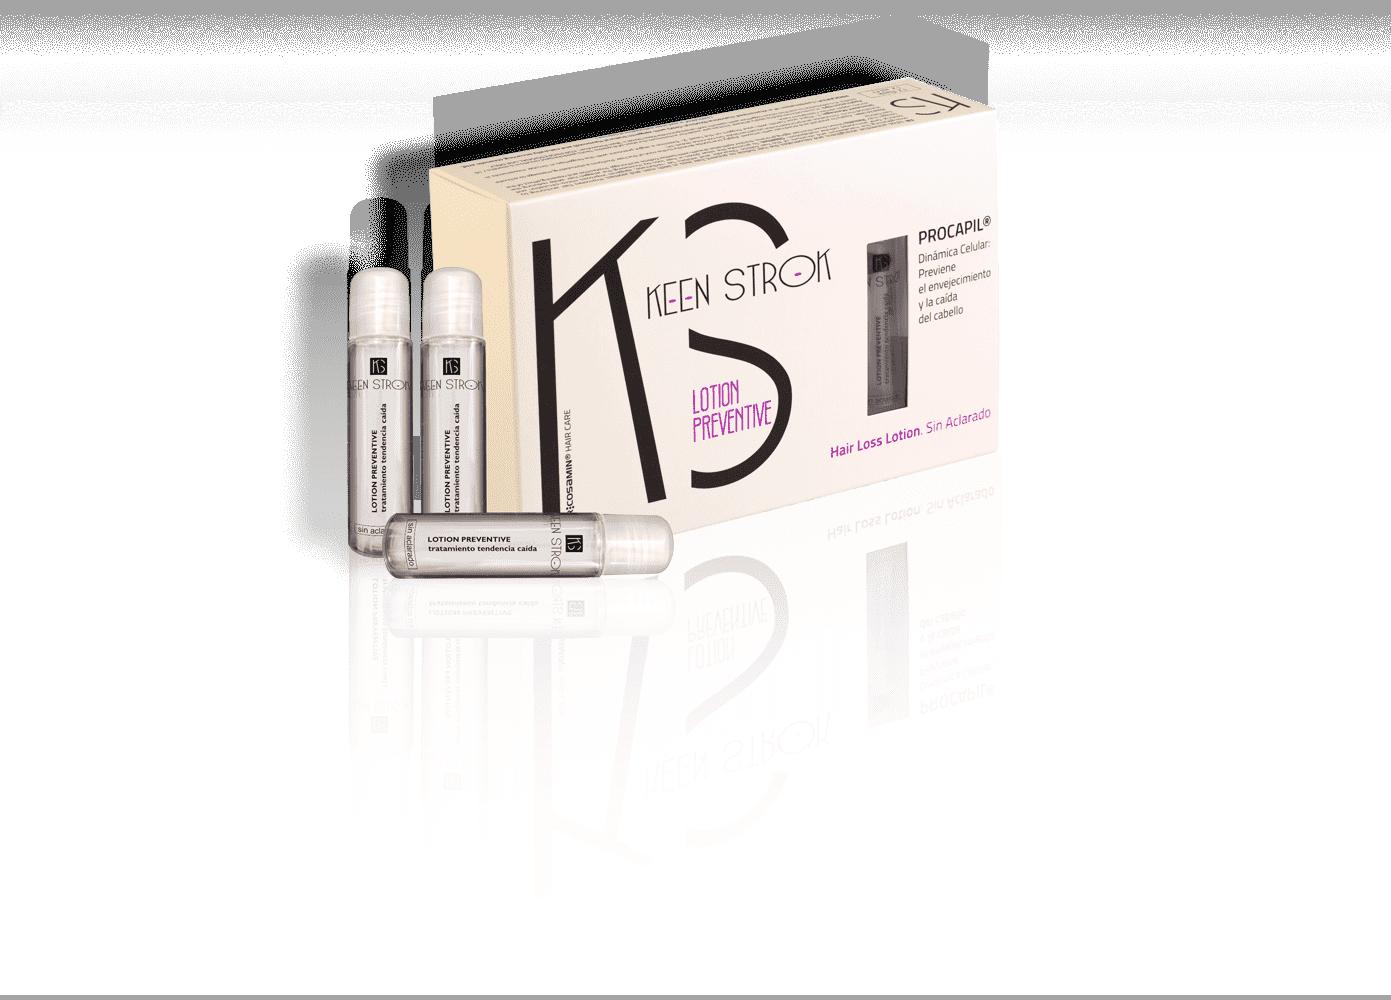 Keen Strok Procapil Preventive Hair Loss Lotion - ampulky na prevenciu proti padaniu vlasov, 12 ks / bal.